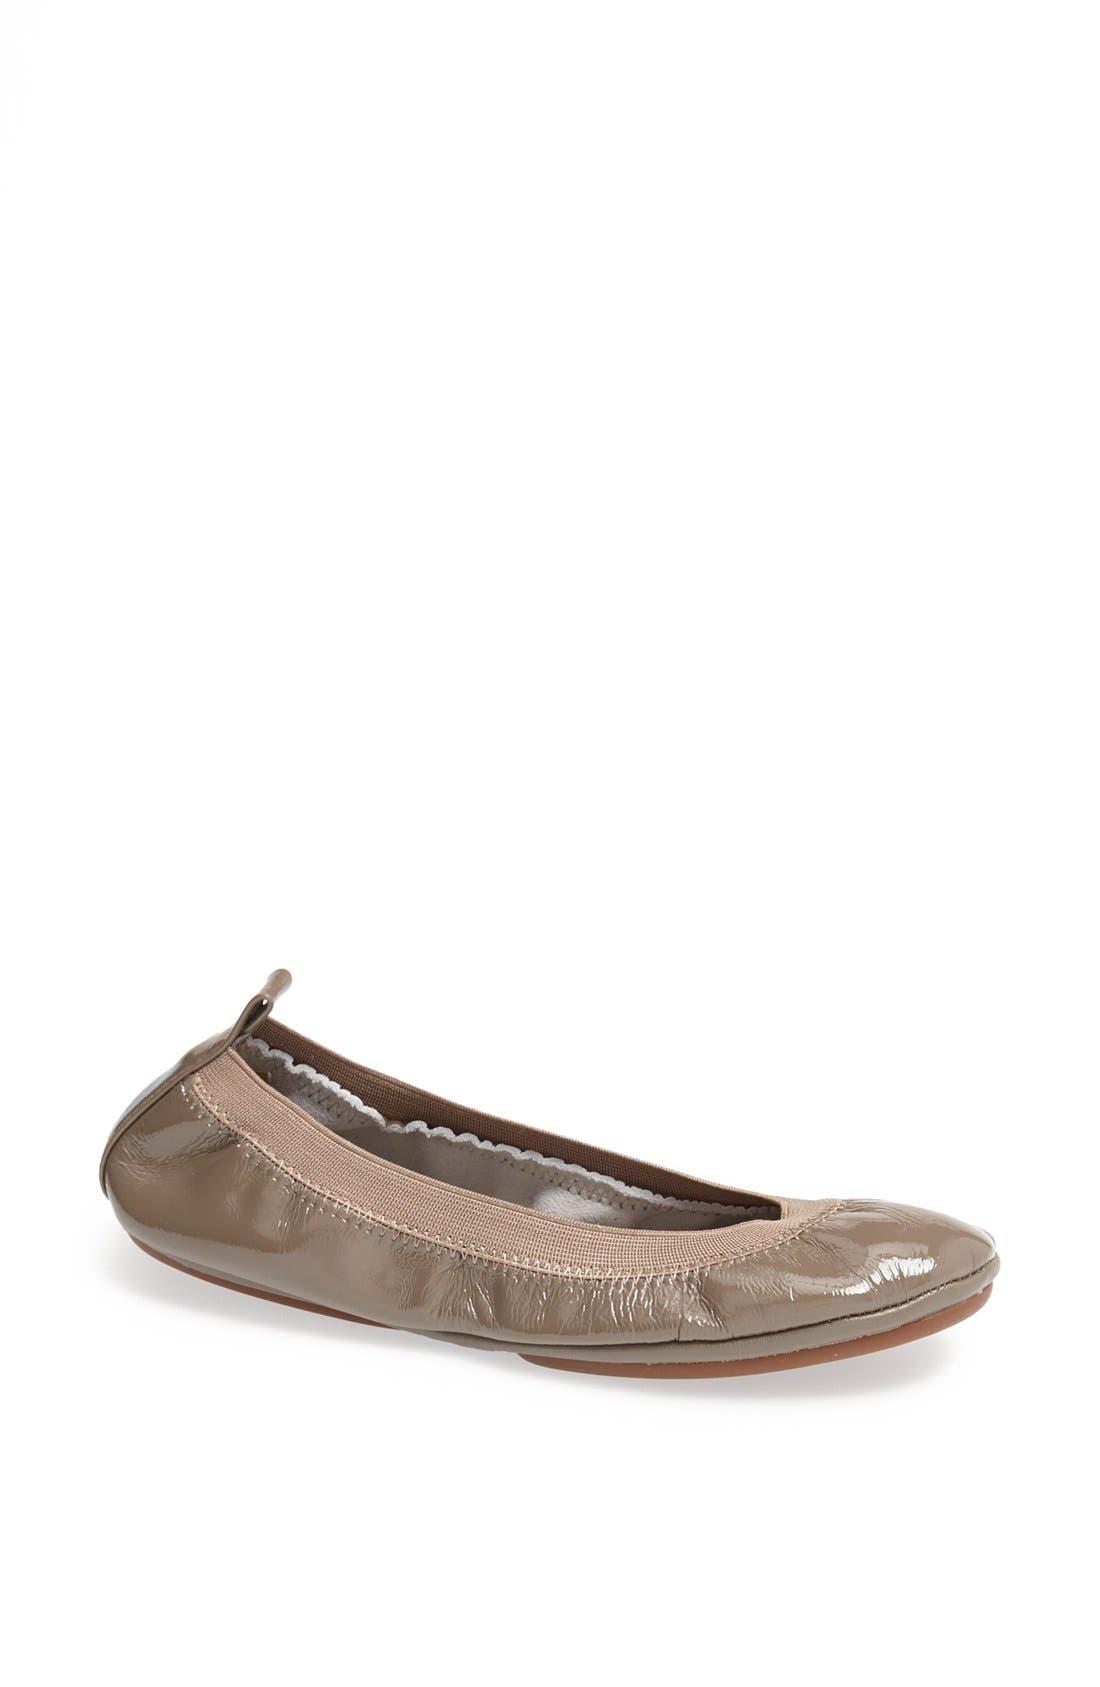 Alternate Image 1 Selected - Yosi Samra Foldable Ballet Flat